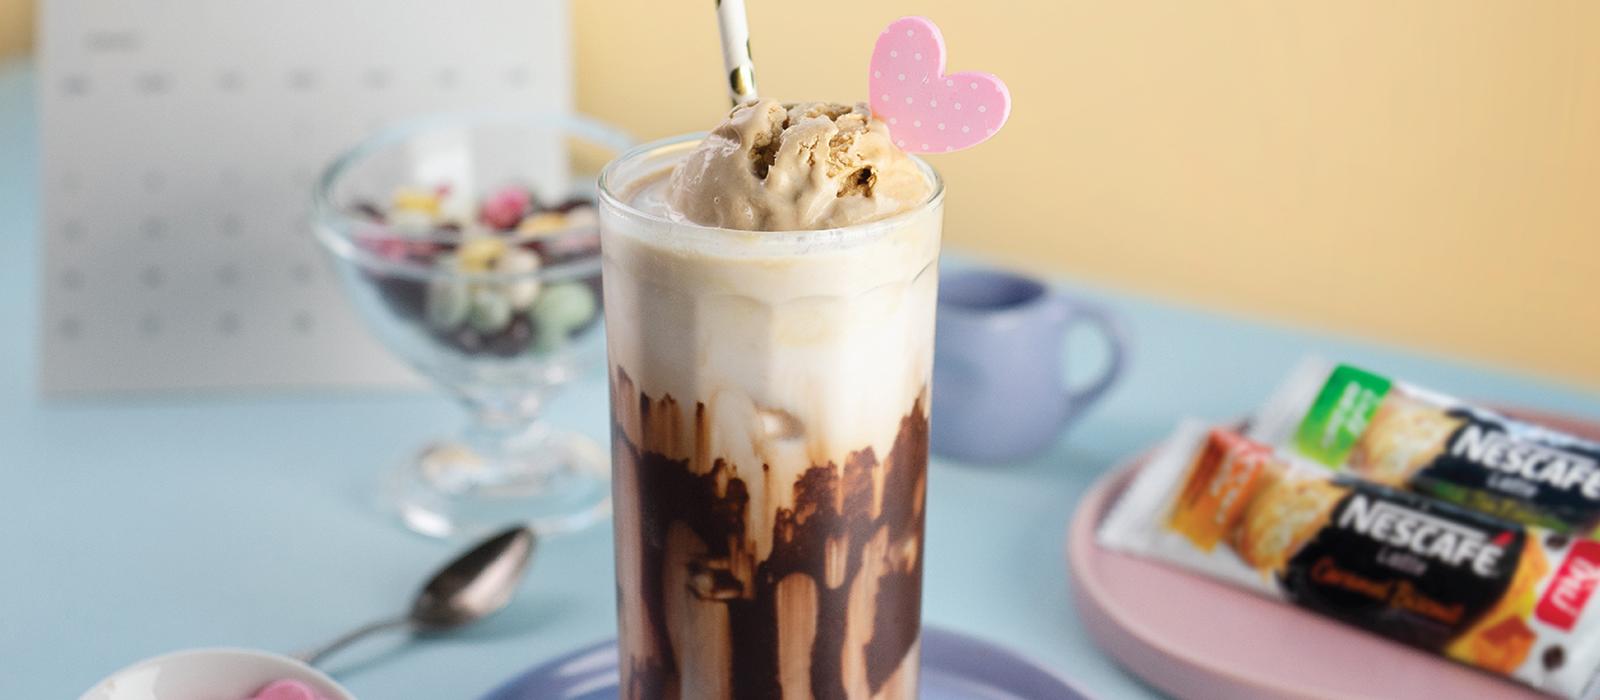 NESCAFE Latte Milkshake